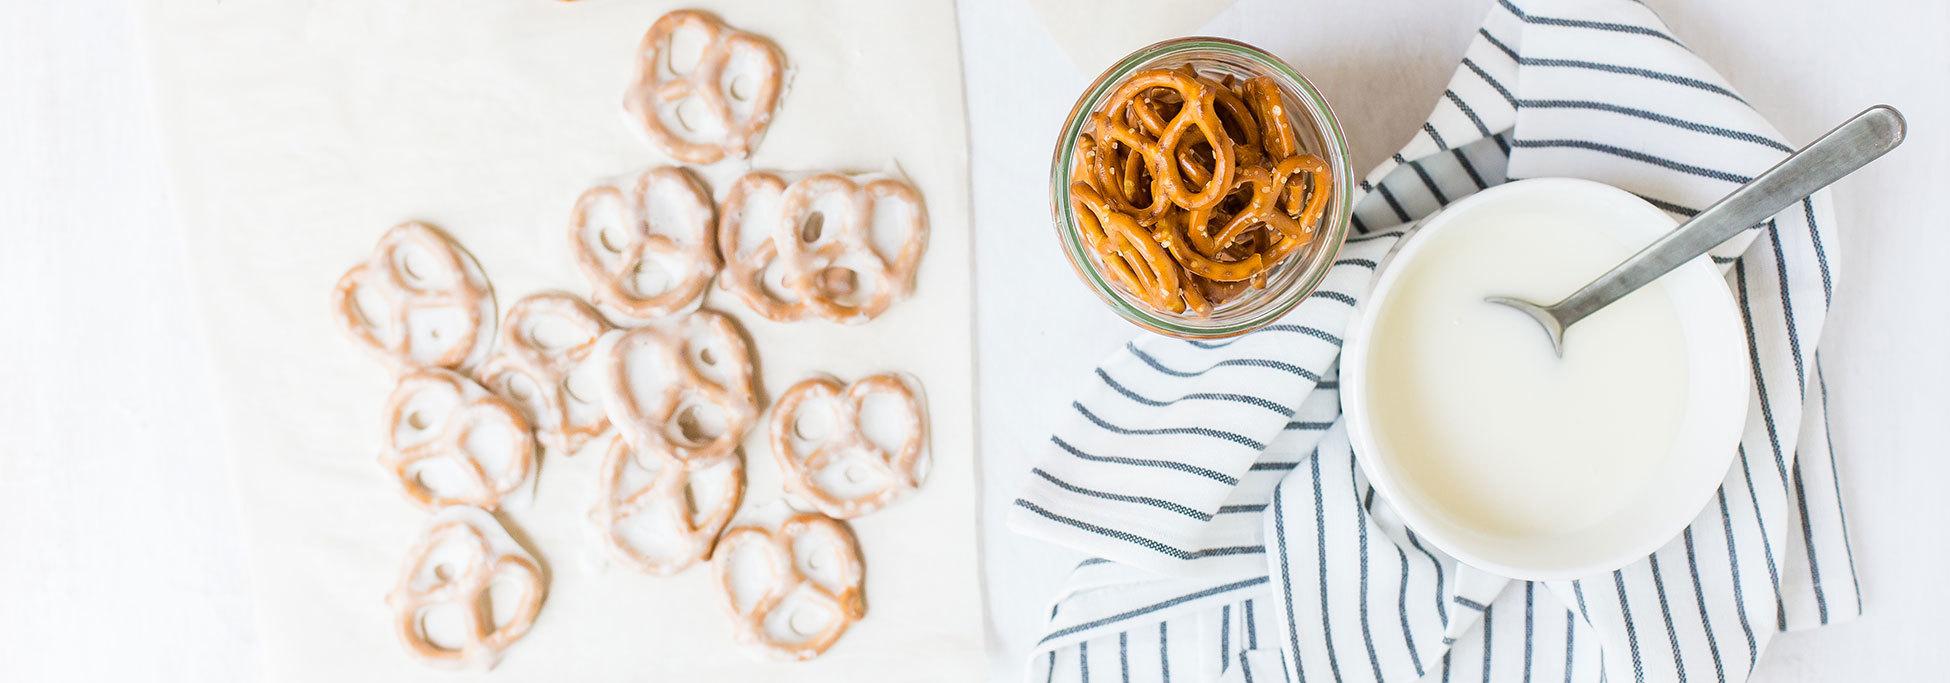 Recipes Yogurt Dipped Pretzels Banner